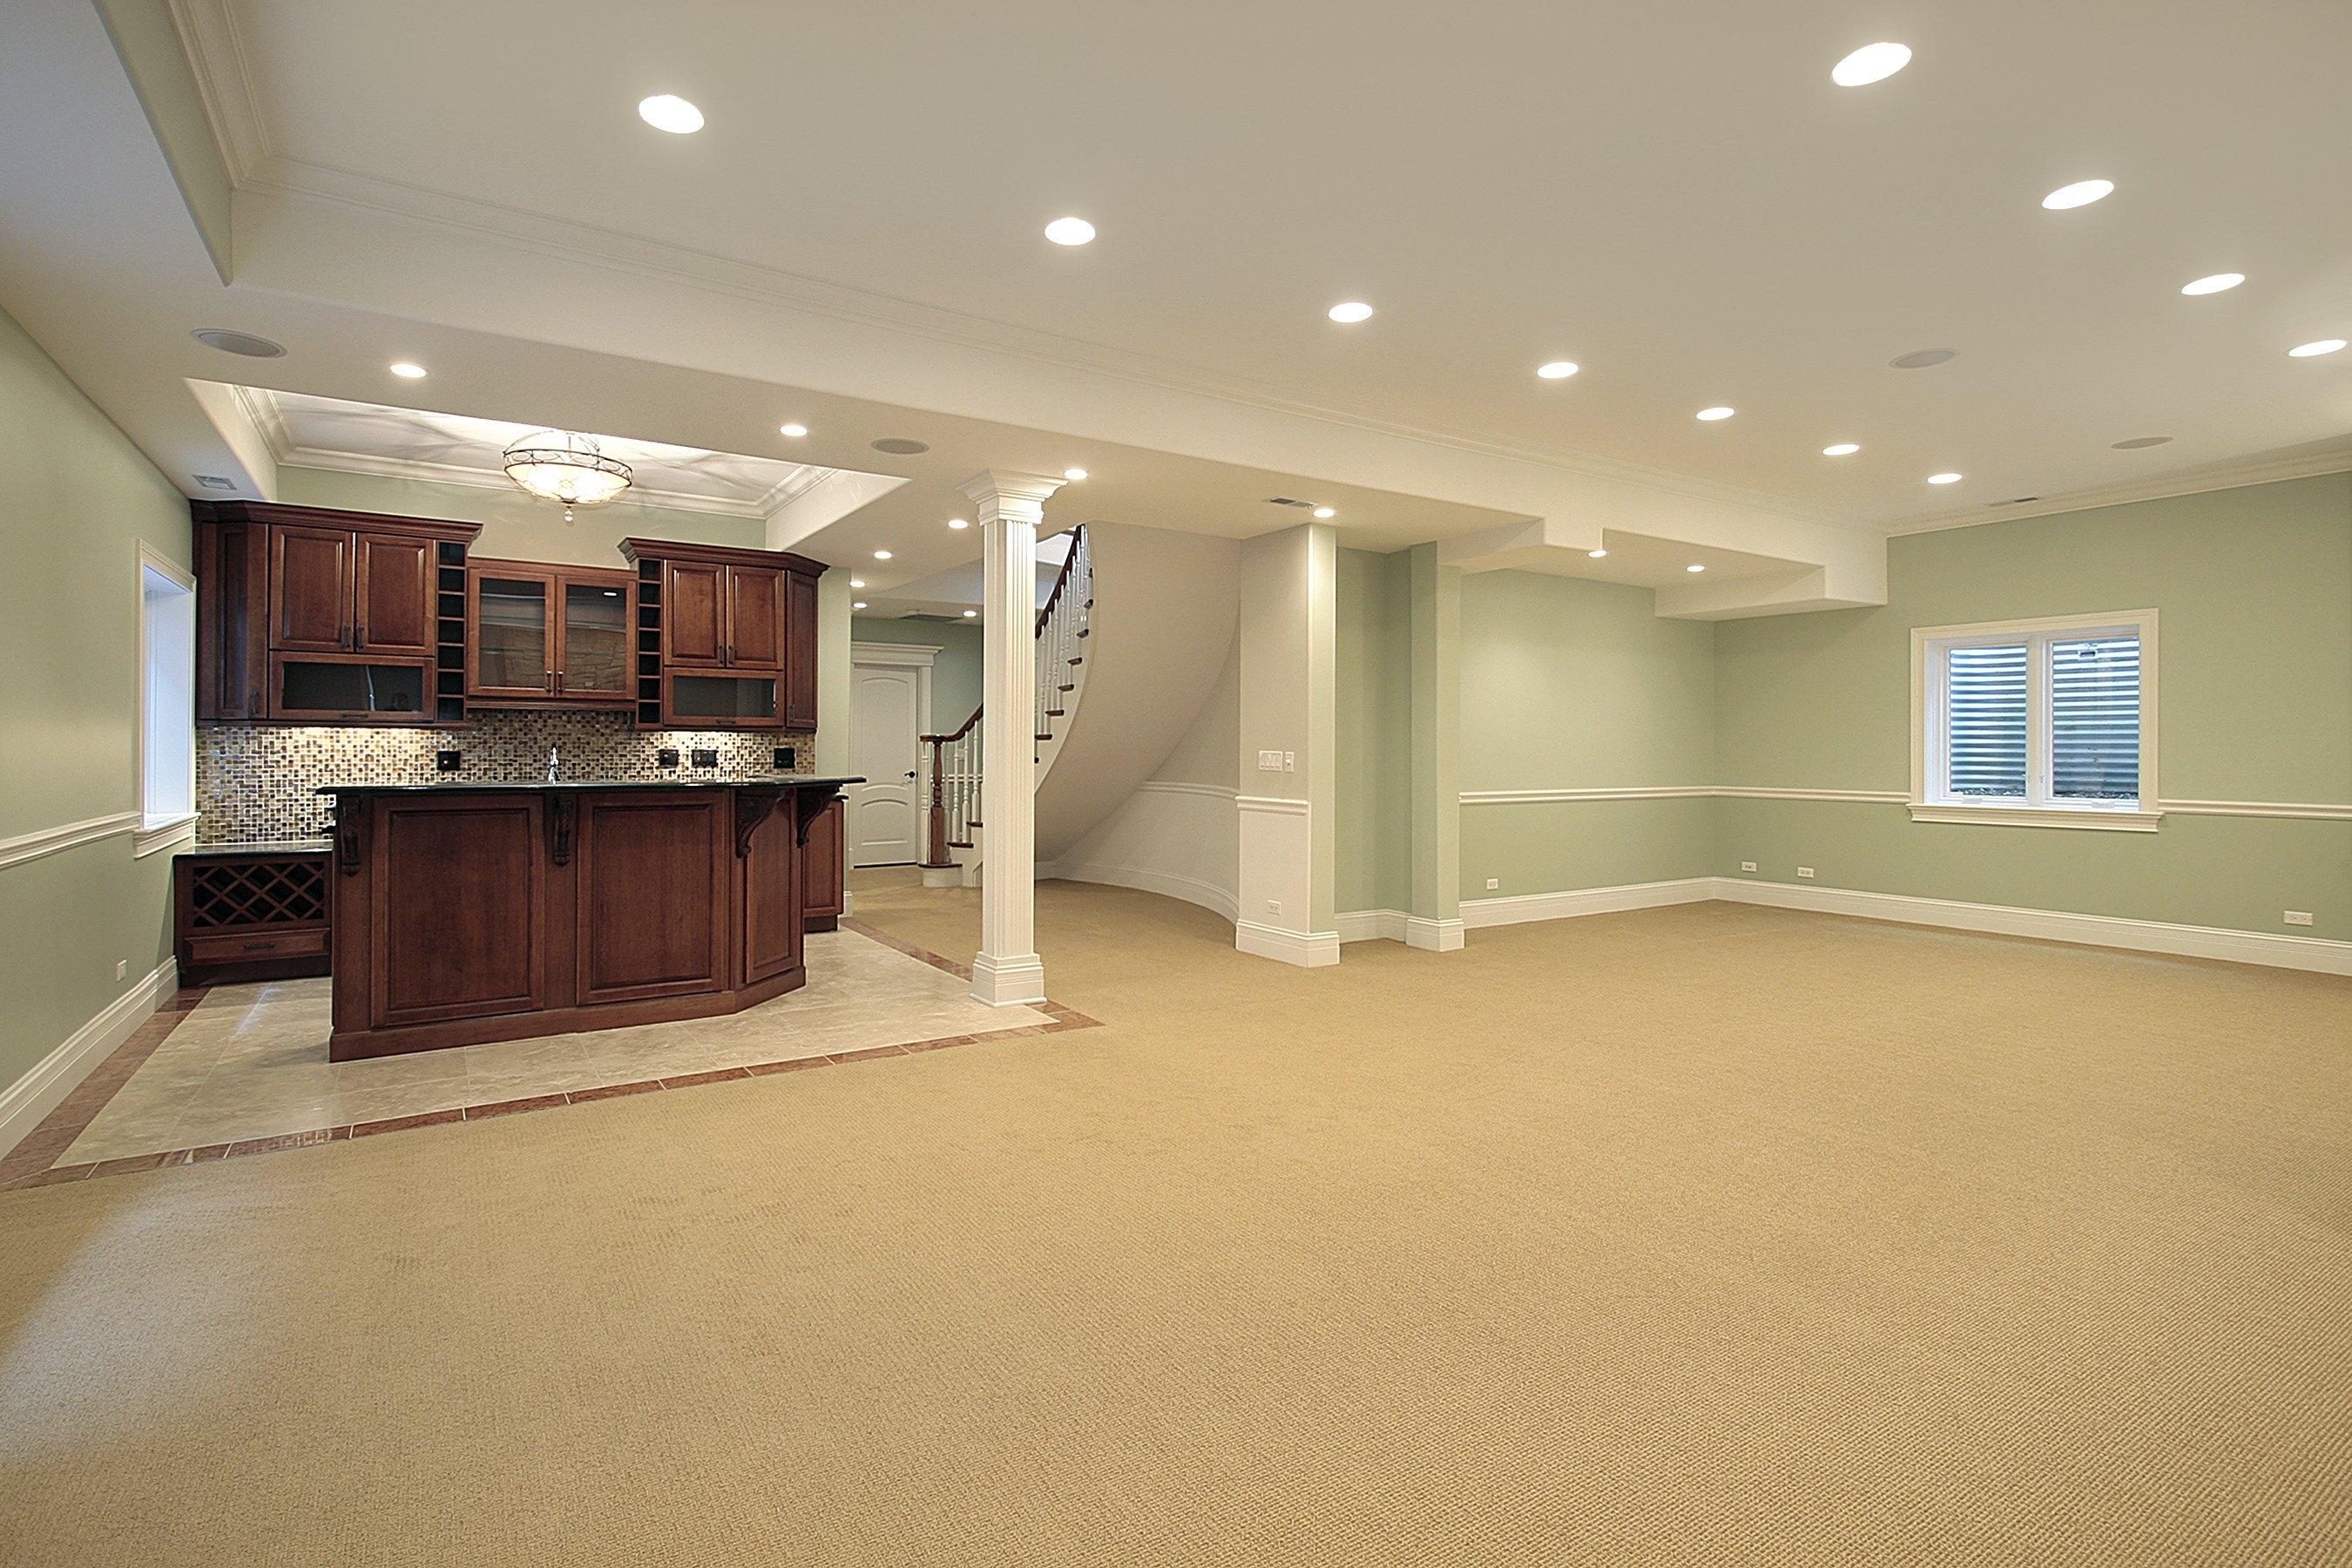 Basement Redo Ideas Basement Redo Ideas decoration finished basement ideas basement finishing ideas 2700 X 1800